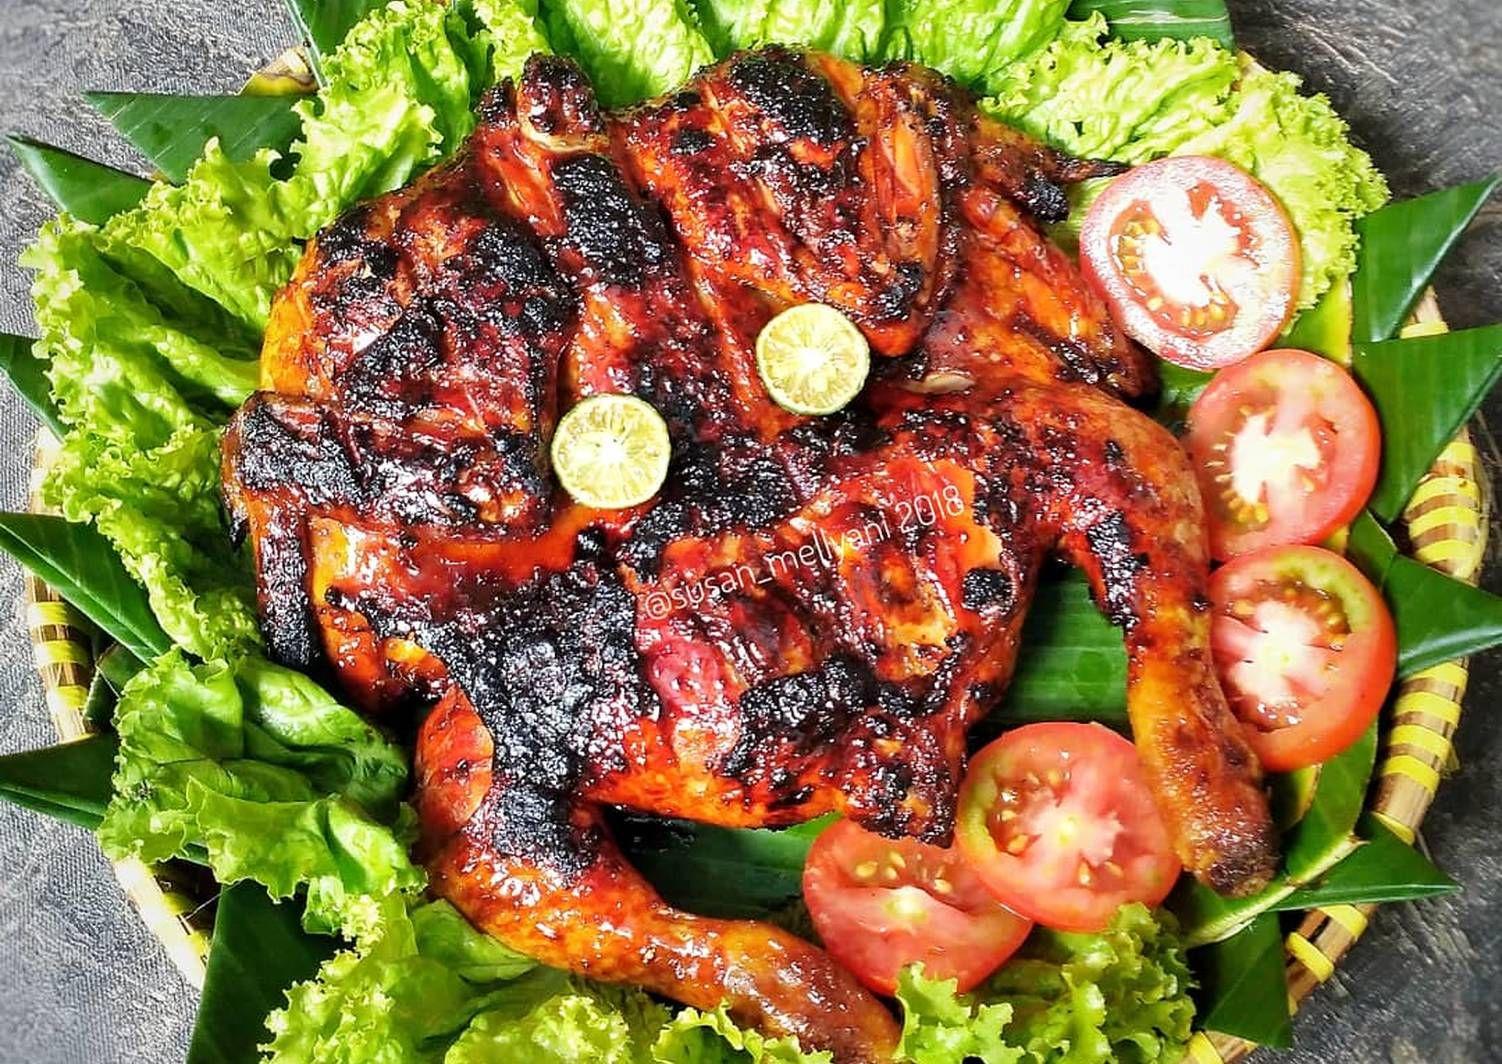 Resep Ayam Bakar Kecap Sambal Kacang Oleh Susan Mellyani Resep Resep Ayam Resep Kacang